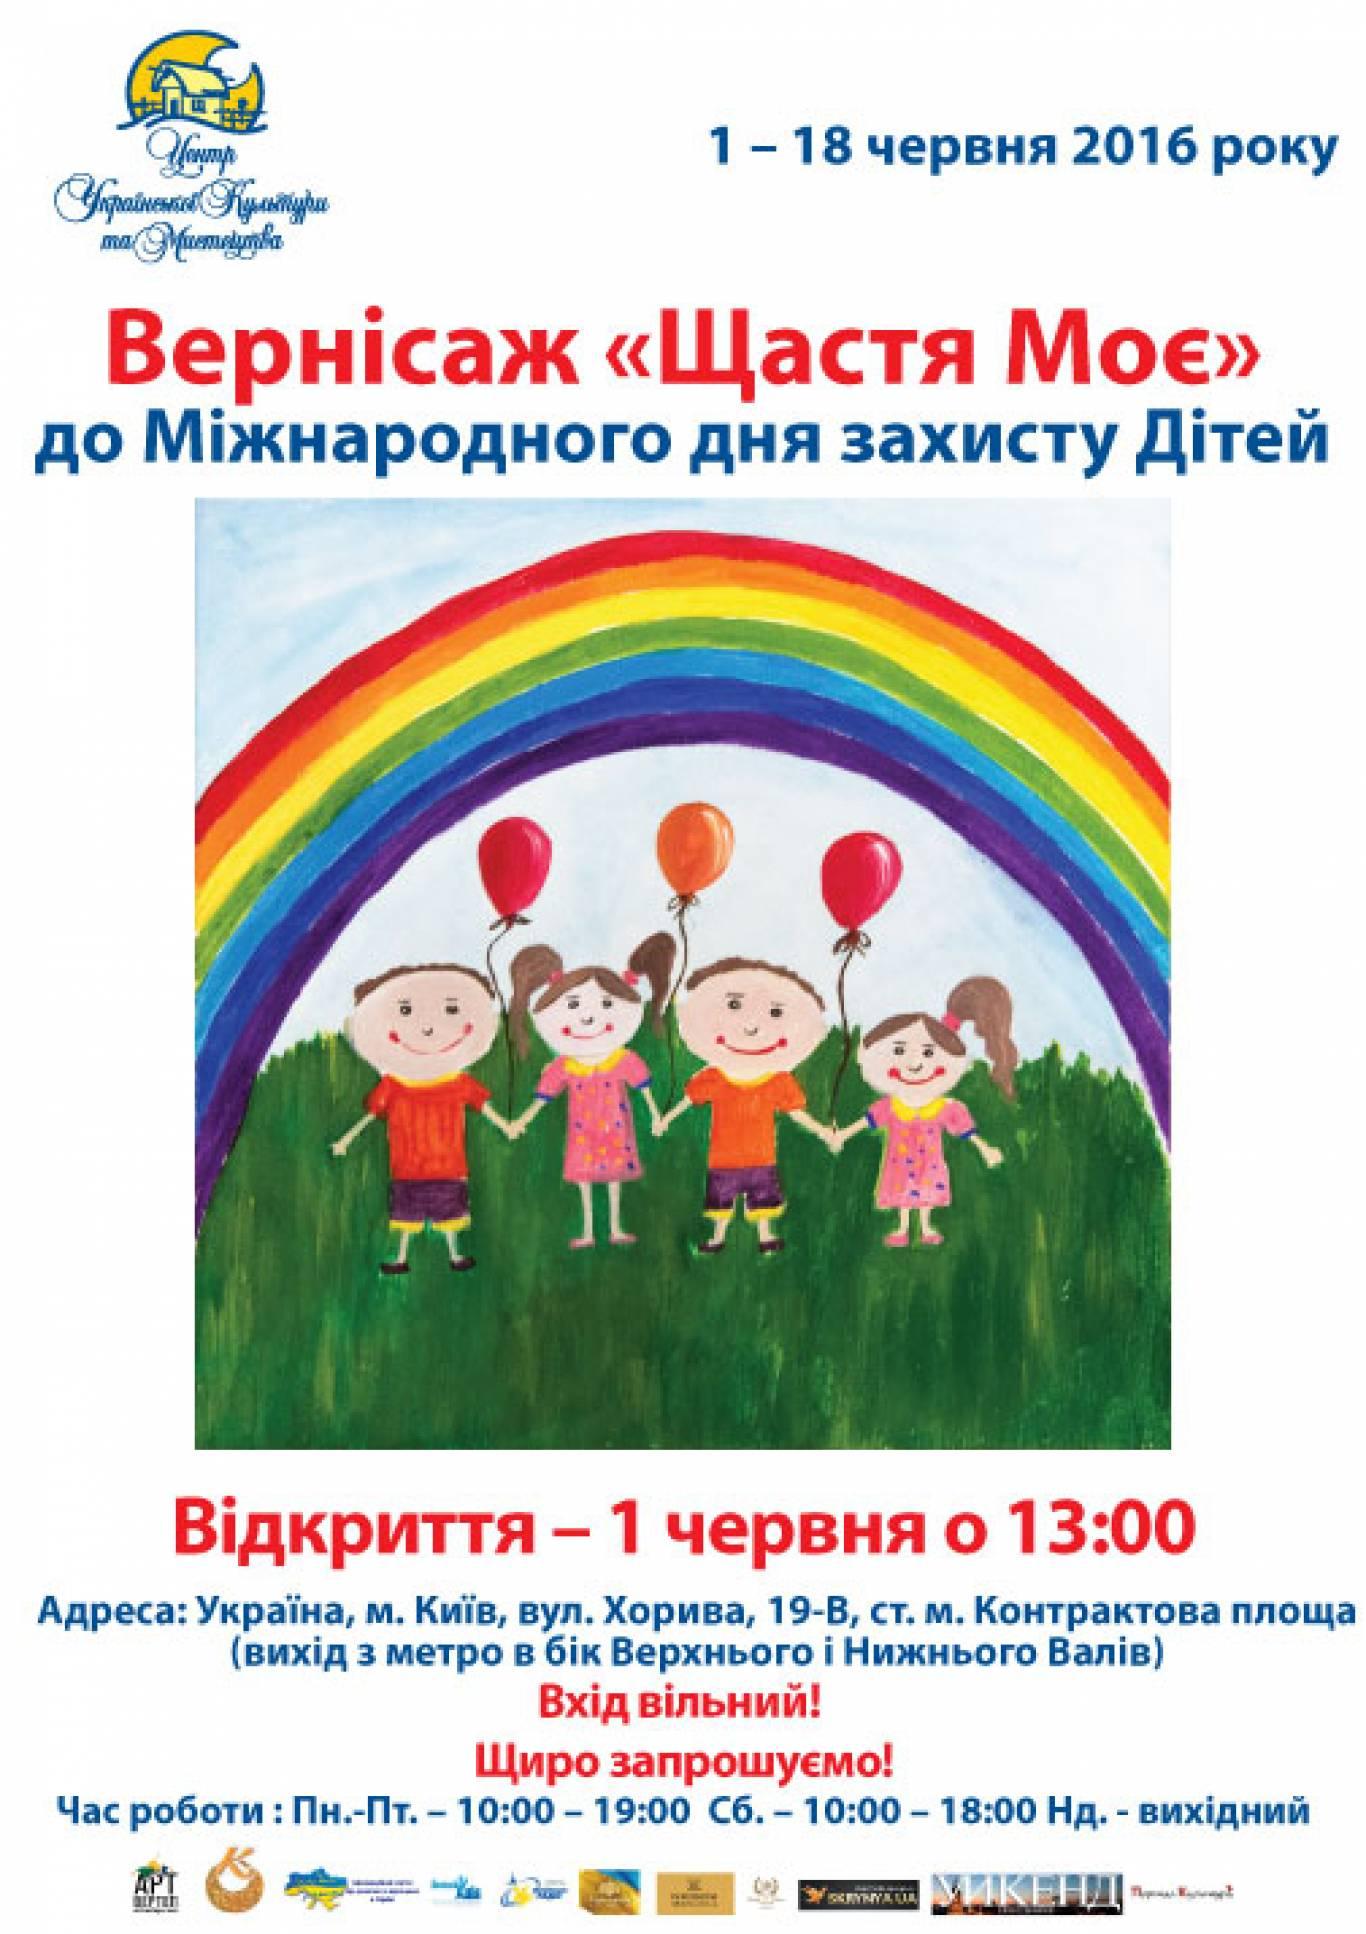 Вернісаж «Щастя Моє» в Центрі Української Культури та Мистецтва на Подолі